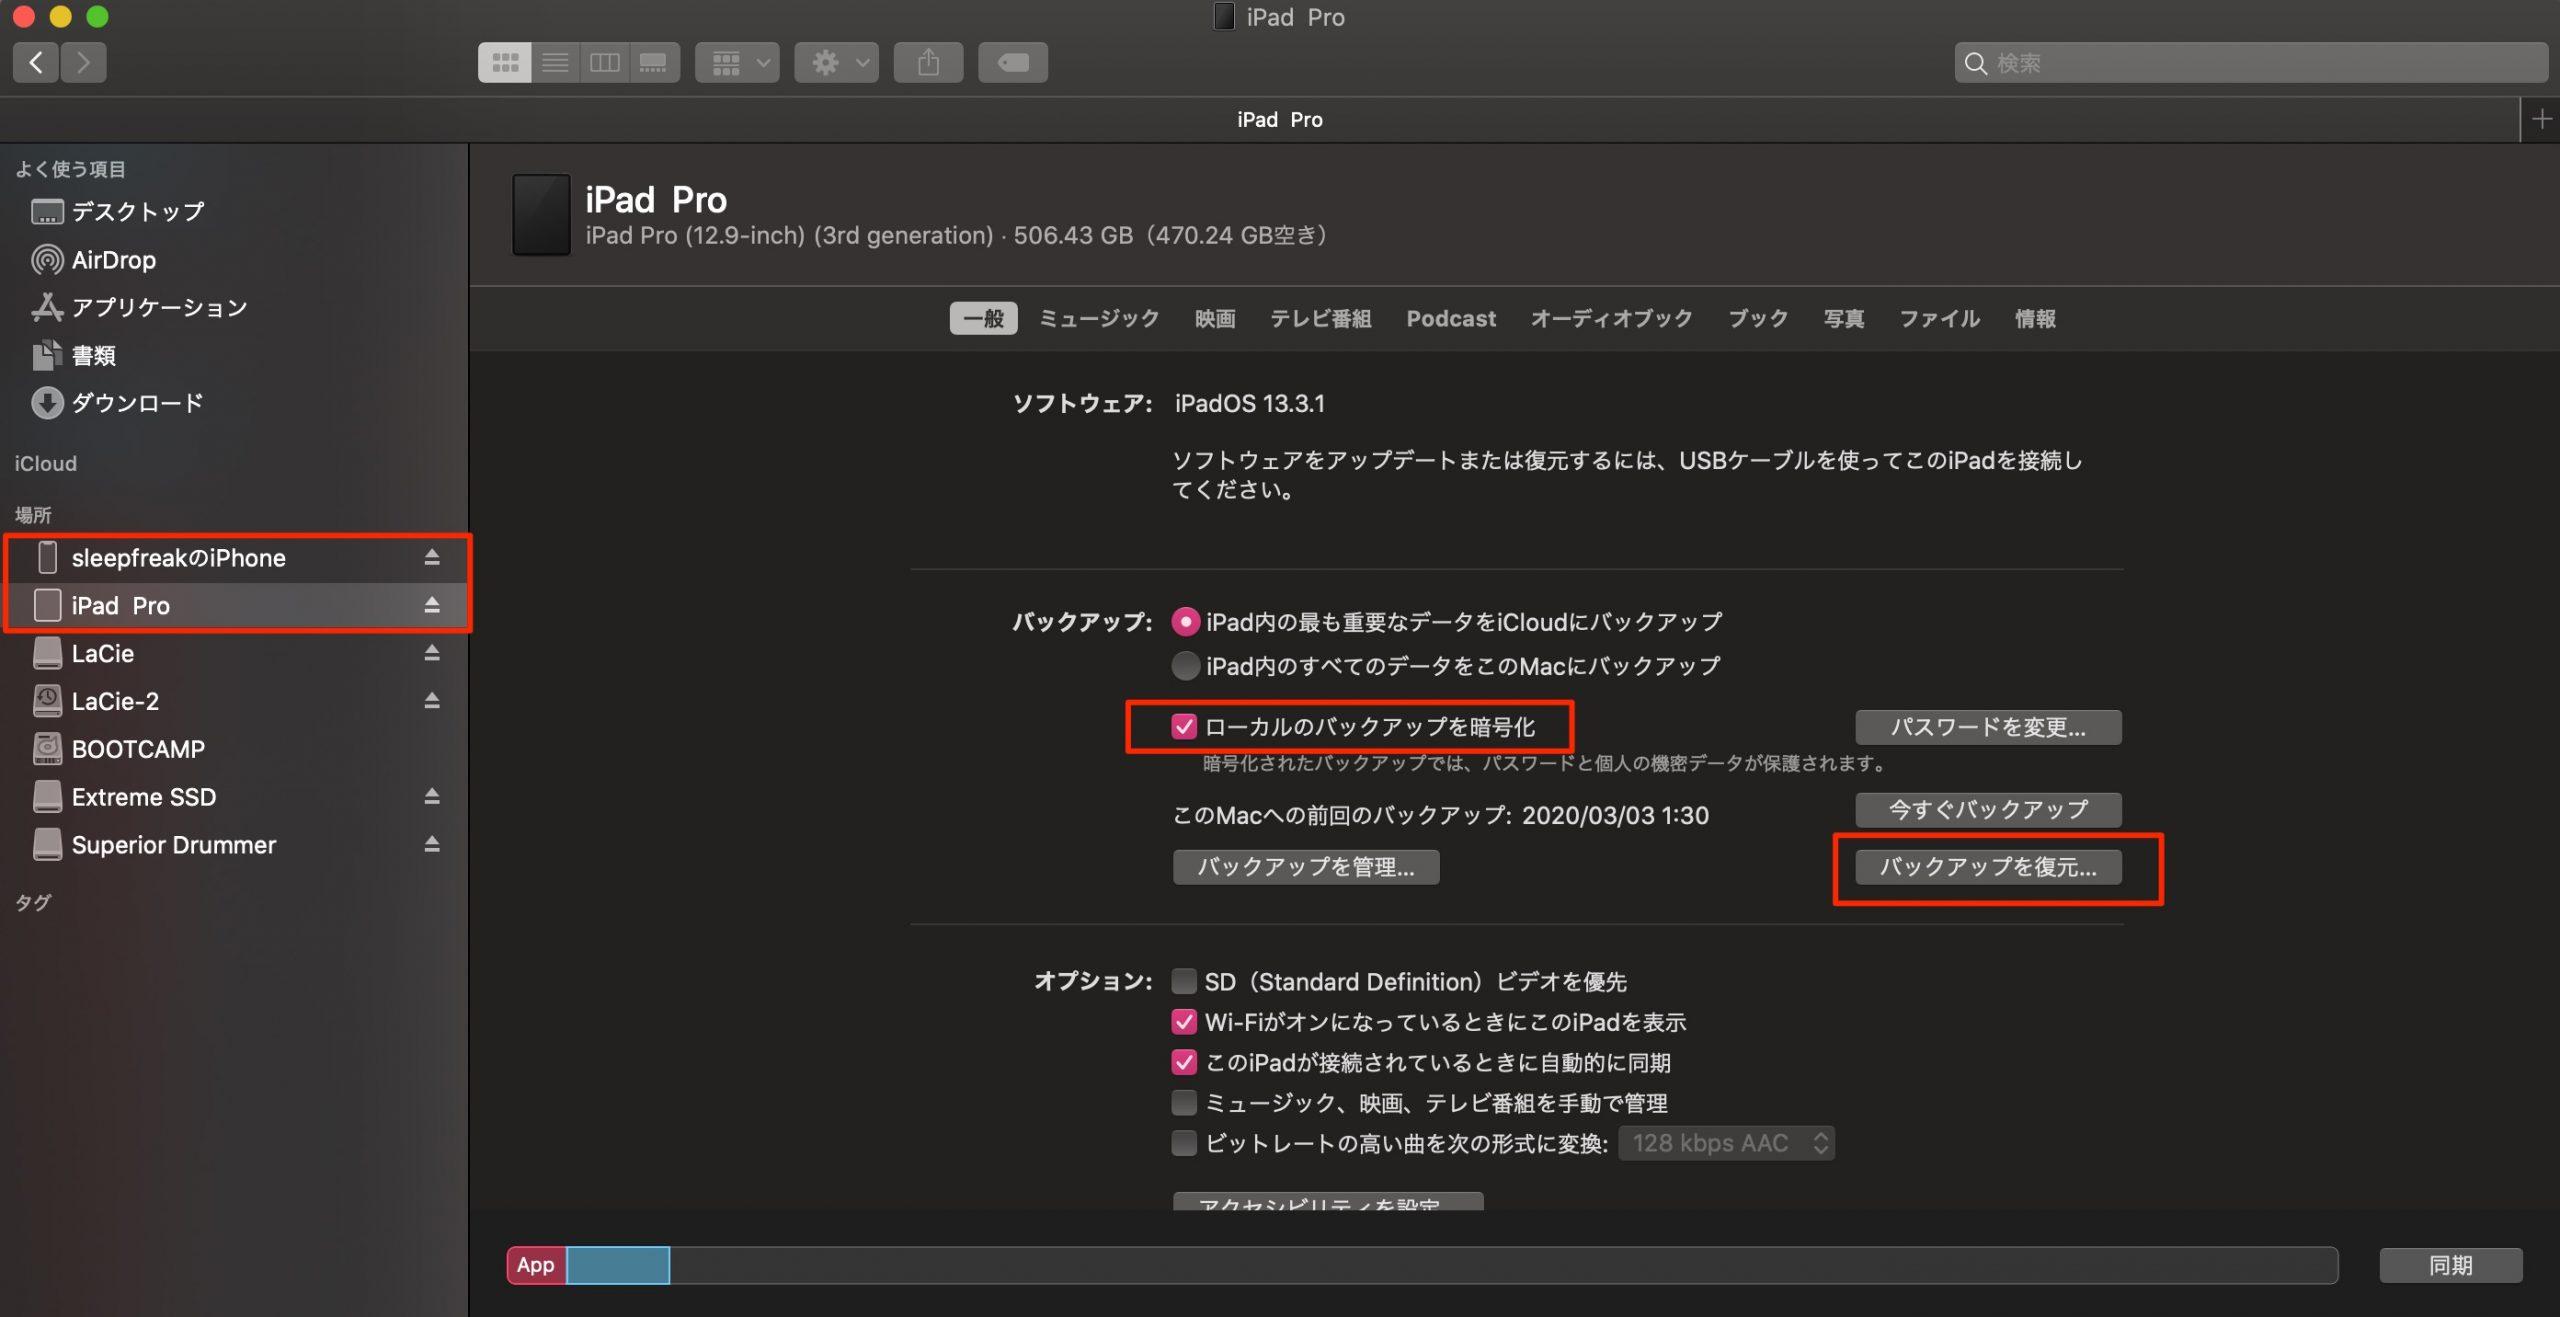 iPad_Pro Backup